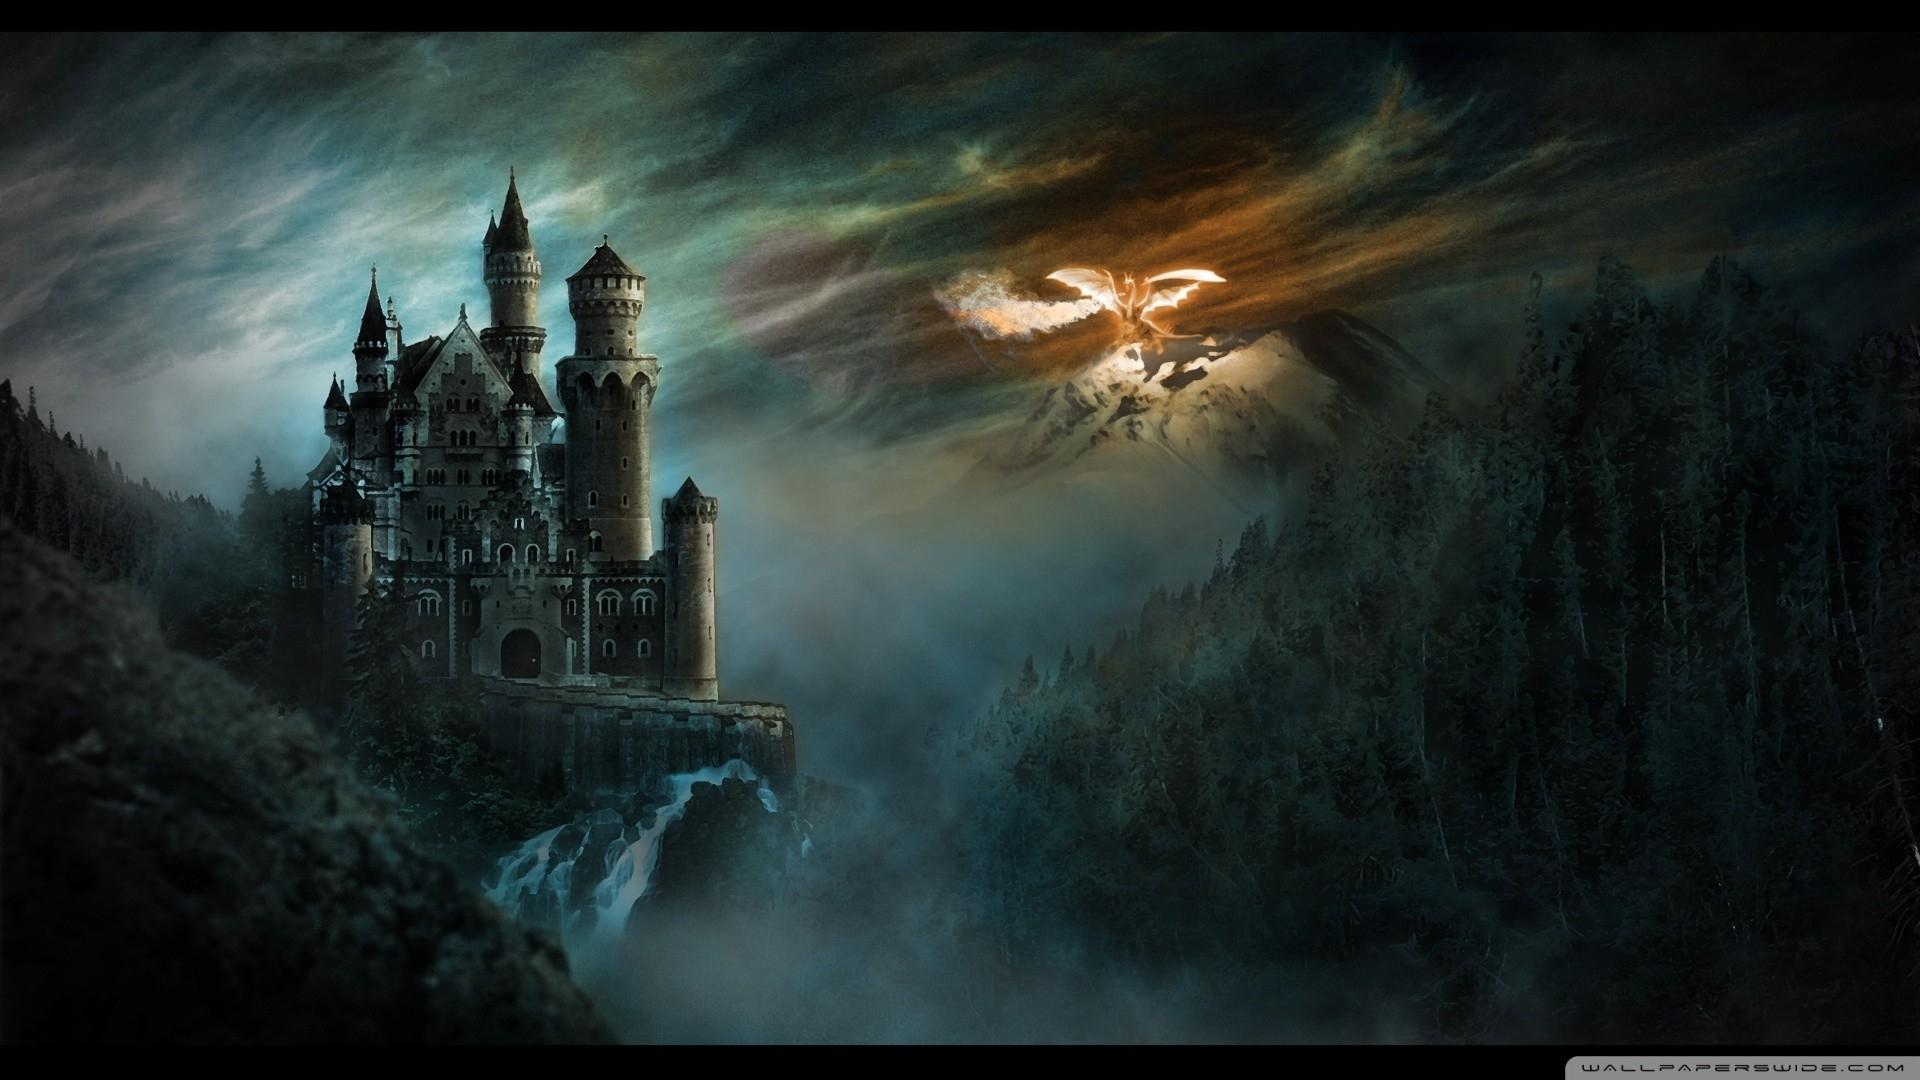 donjons et dragons wallpaper 80+ - xshyfc